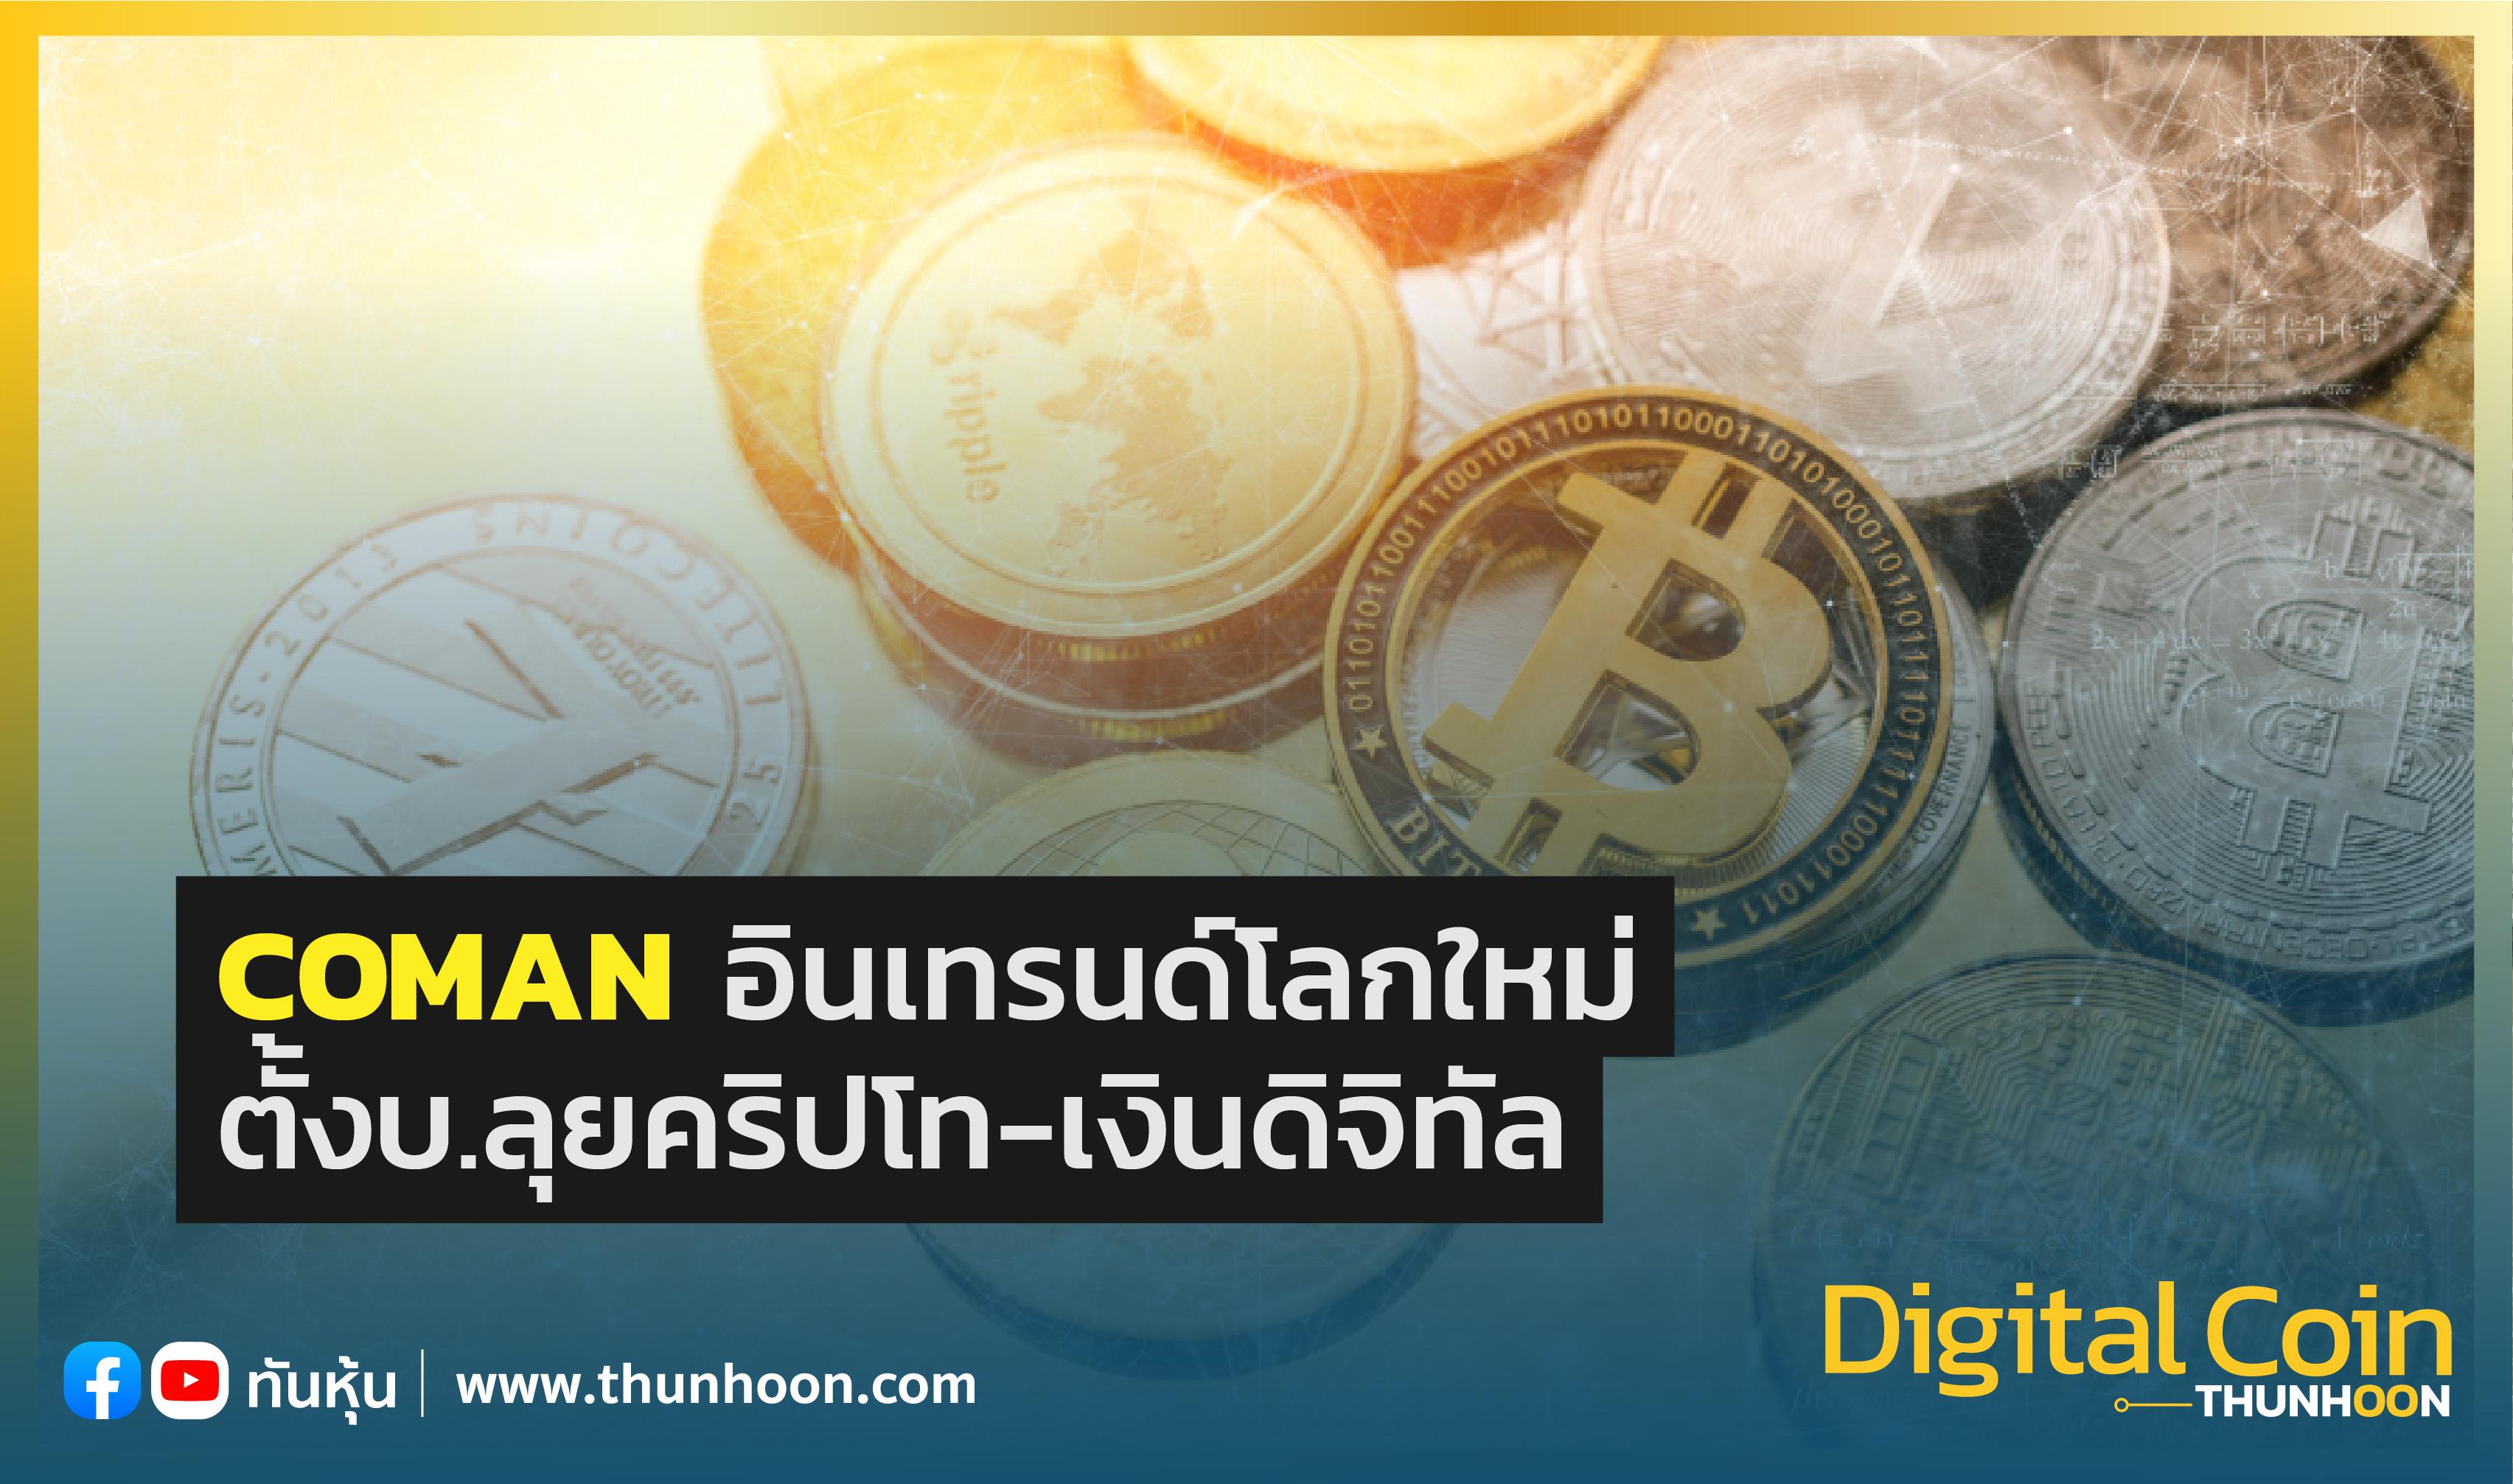 COMANอินเทรนด์โลกใหม่ ตั้งบ.ลุยคริปโท-เงินดิจิทัล